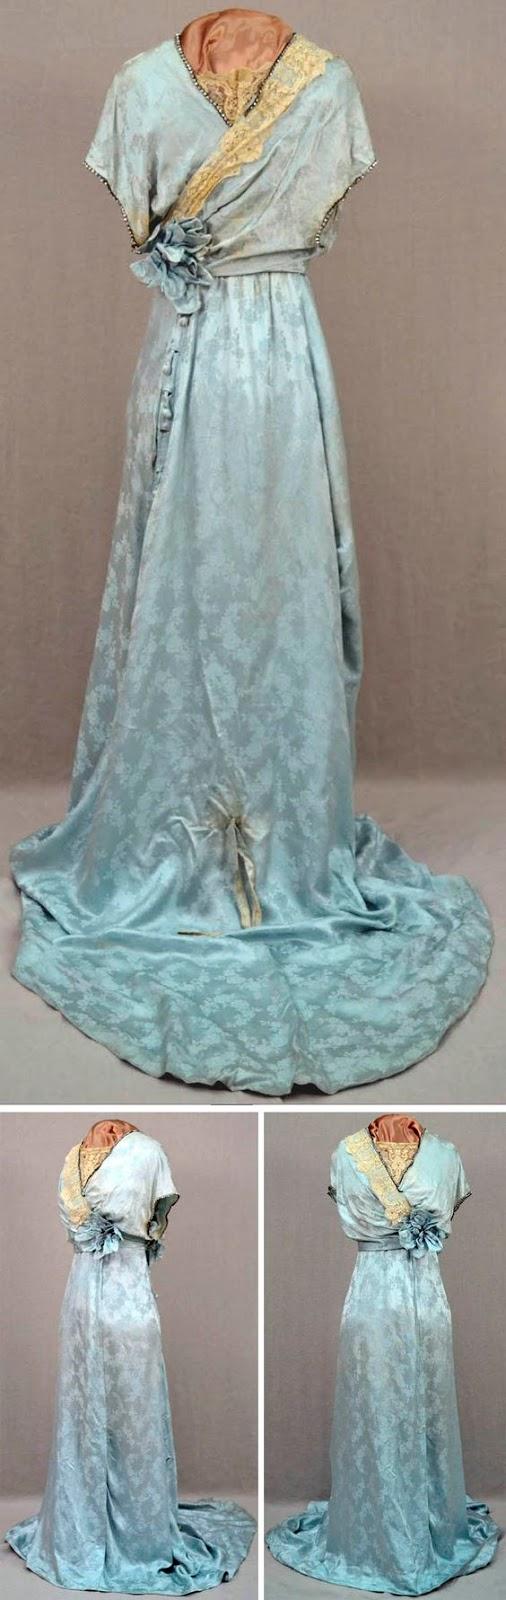 история женского костюма 19 века